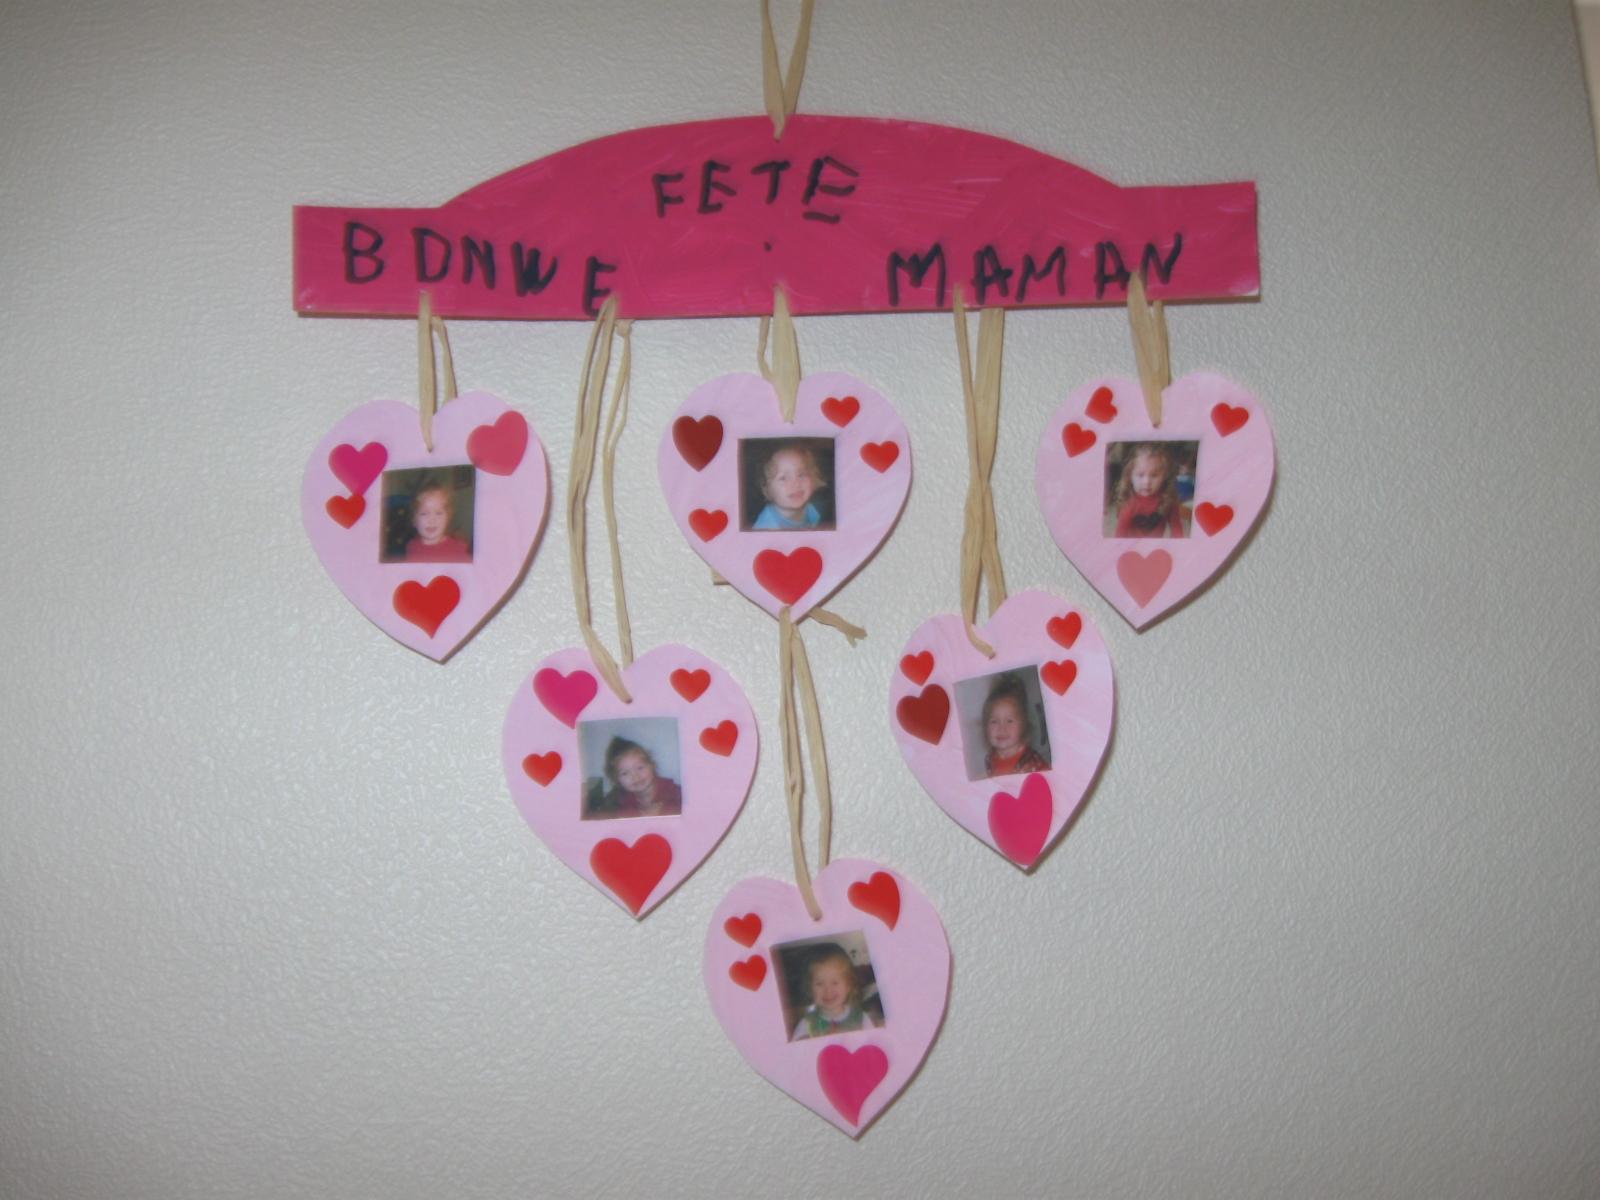 Art en th mes page 2 nurvero la vie en classe - Idee cadeau fete des meres maternelle ...